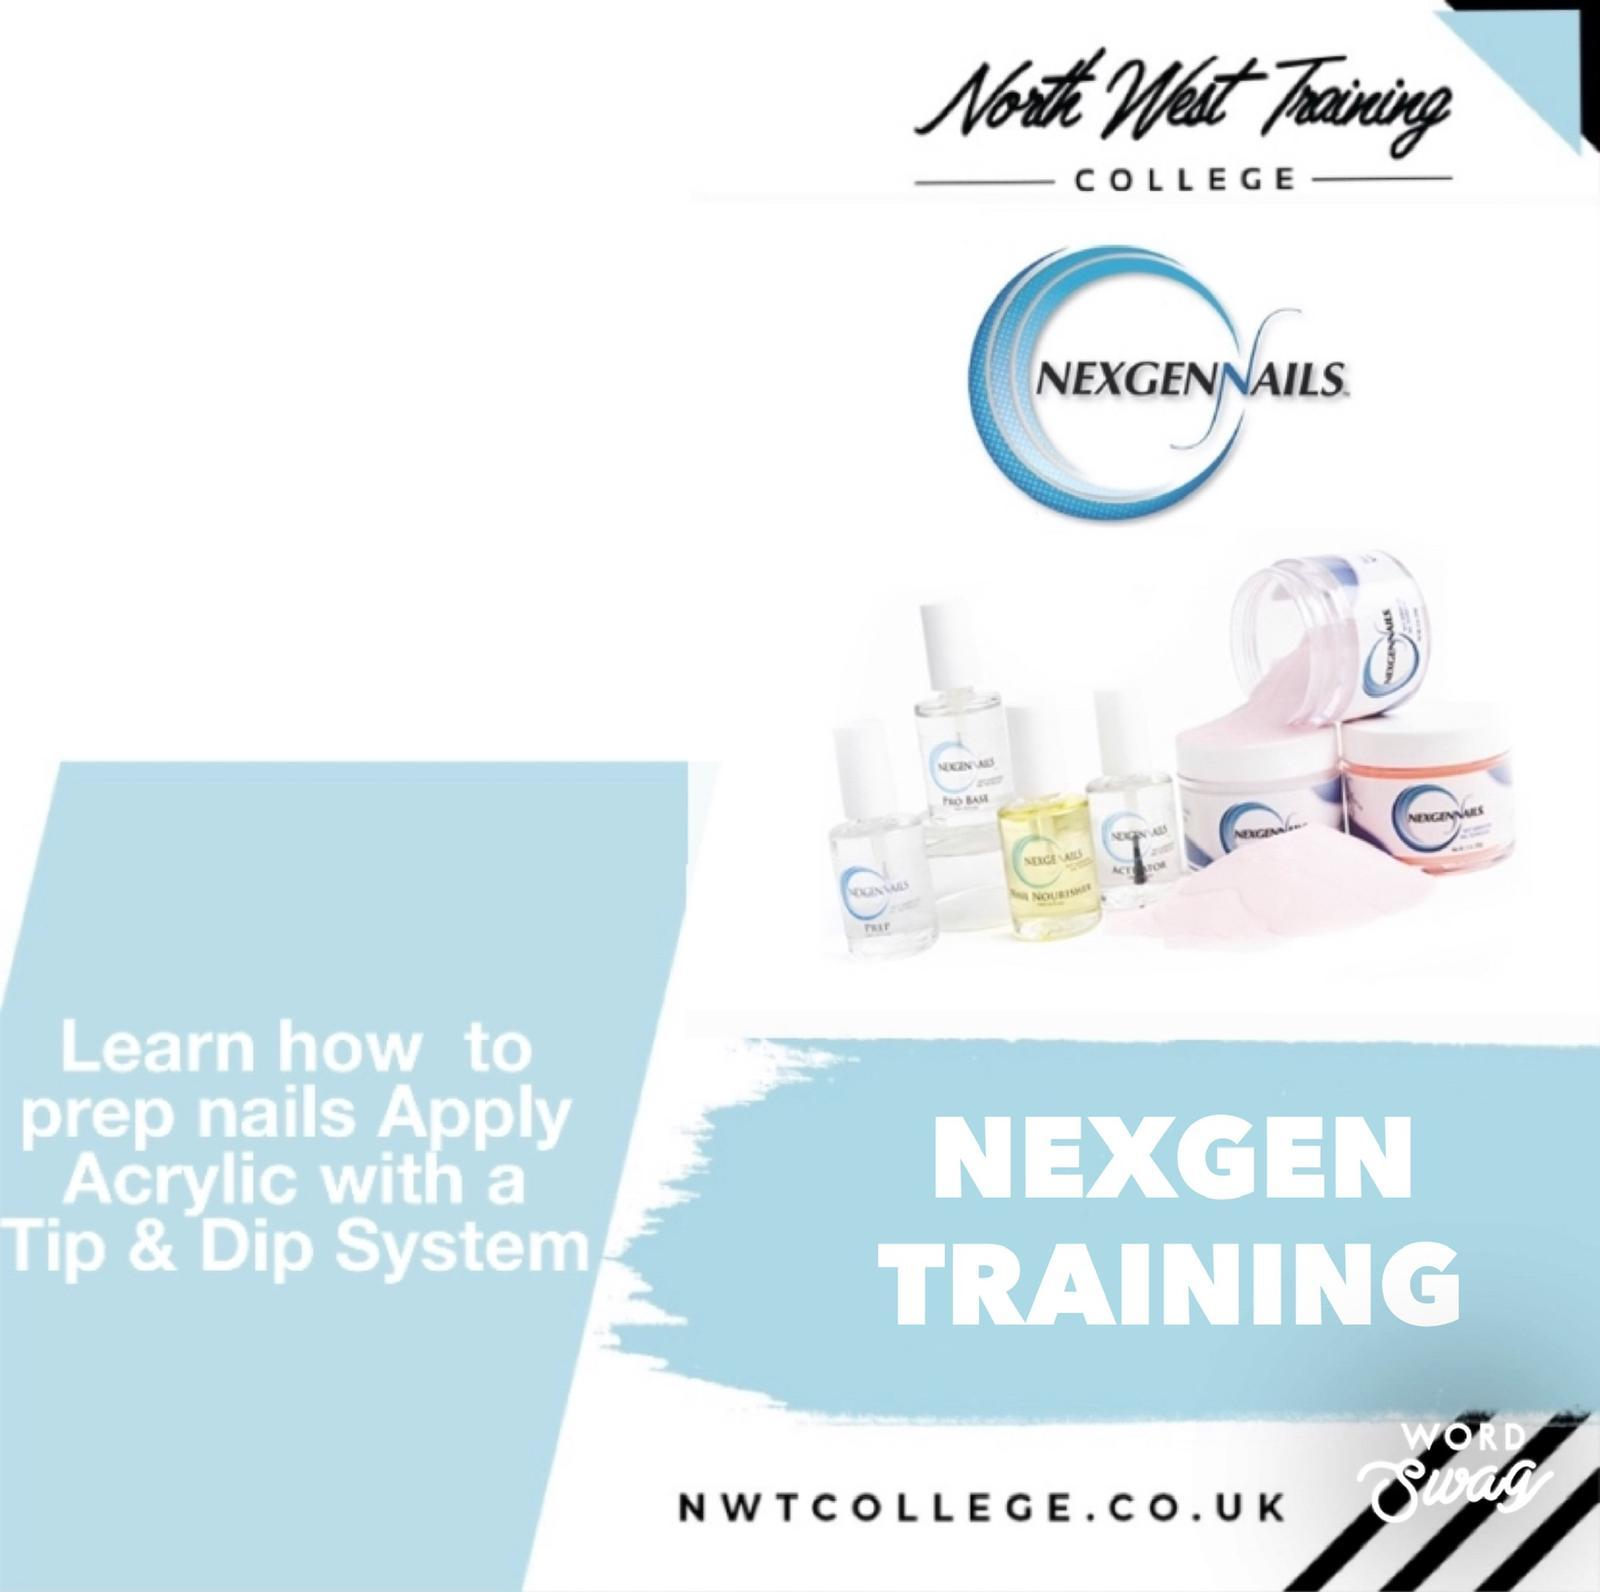 NexGen Training